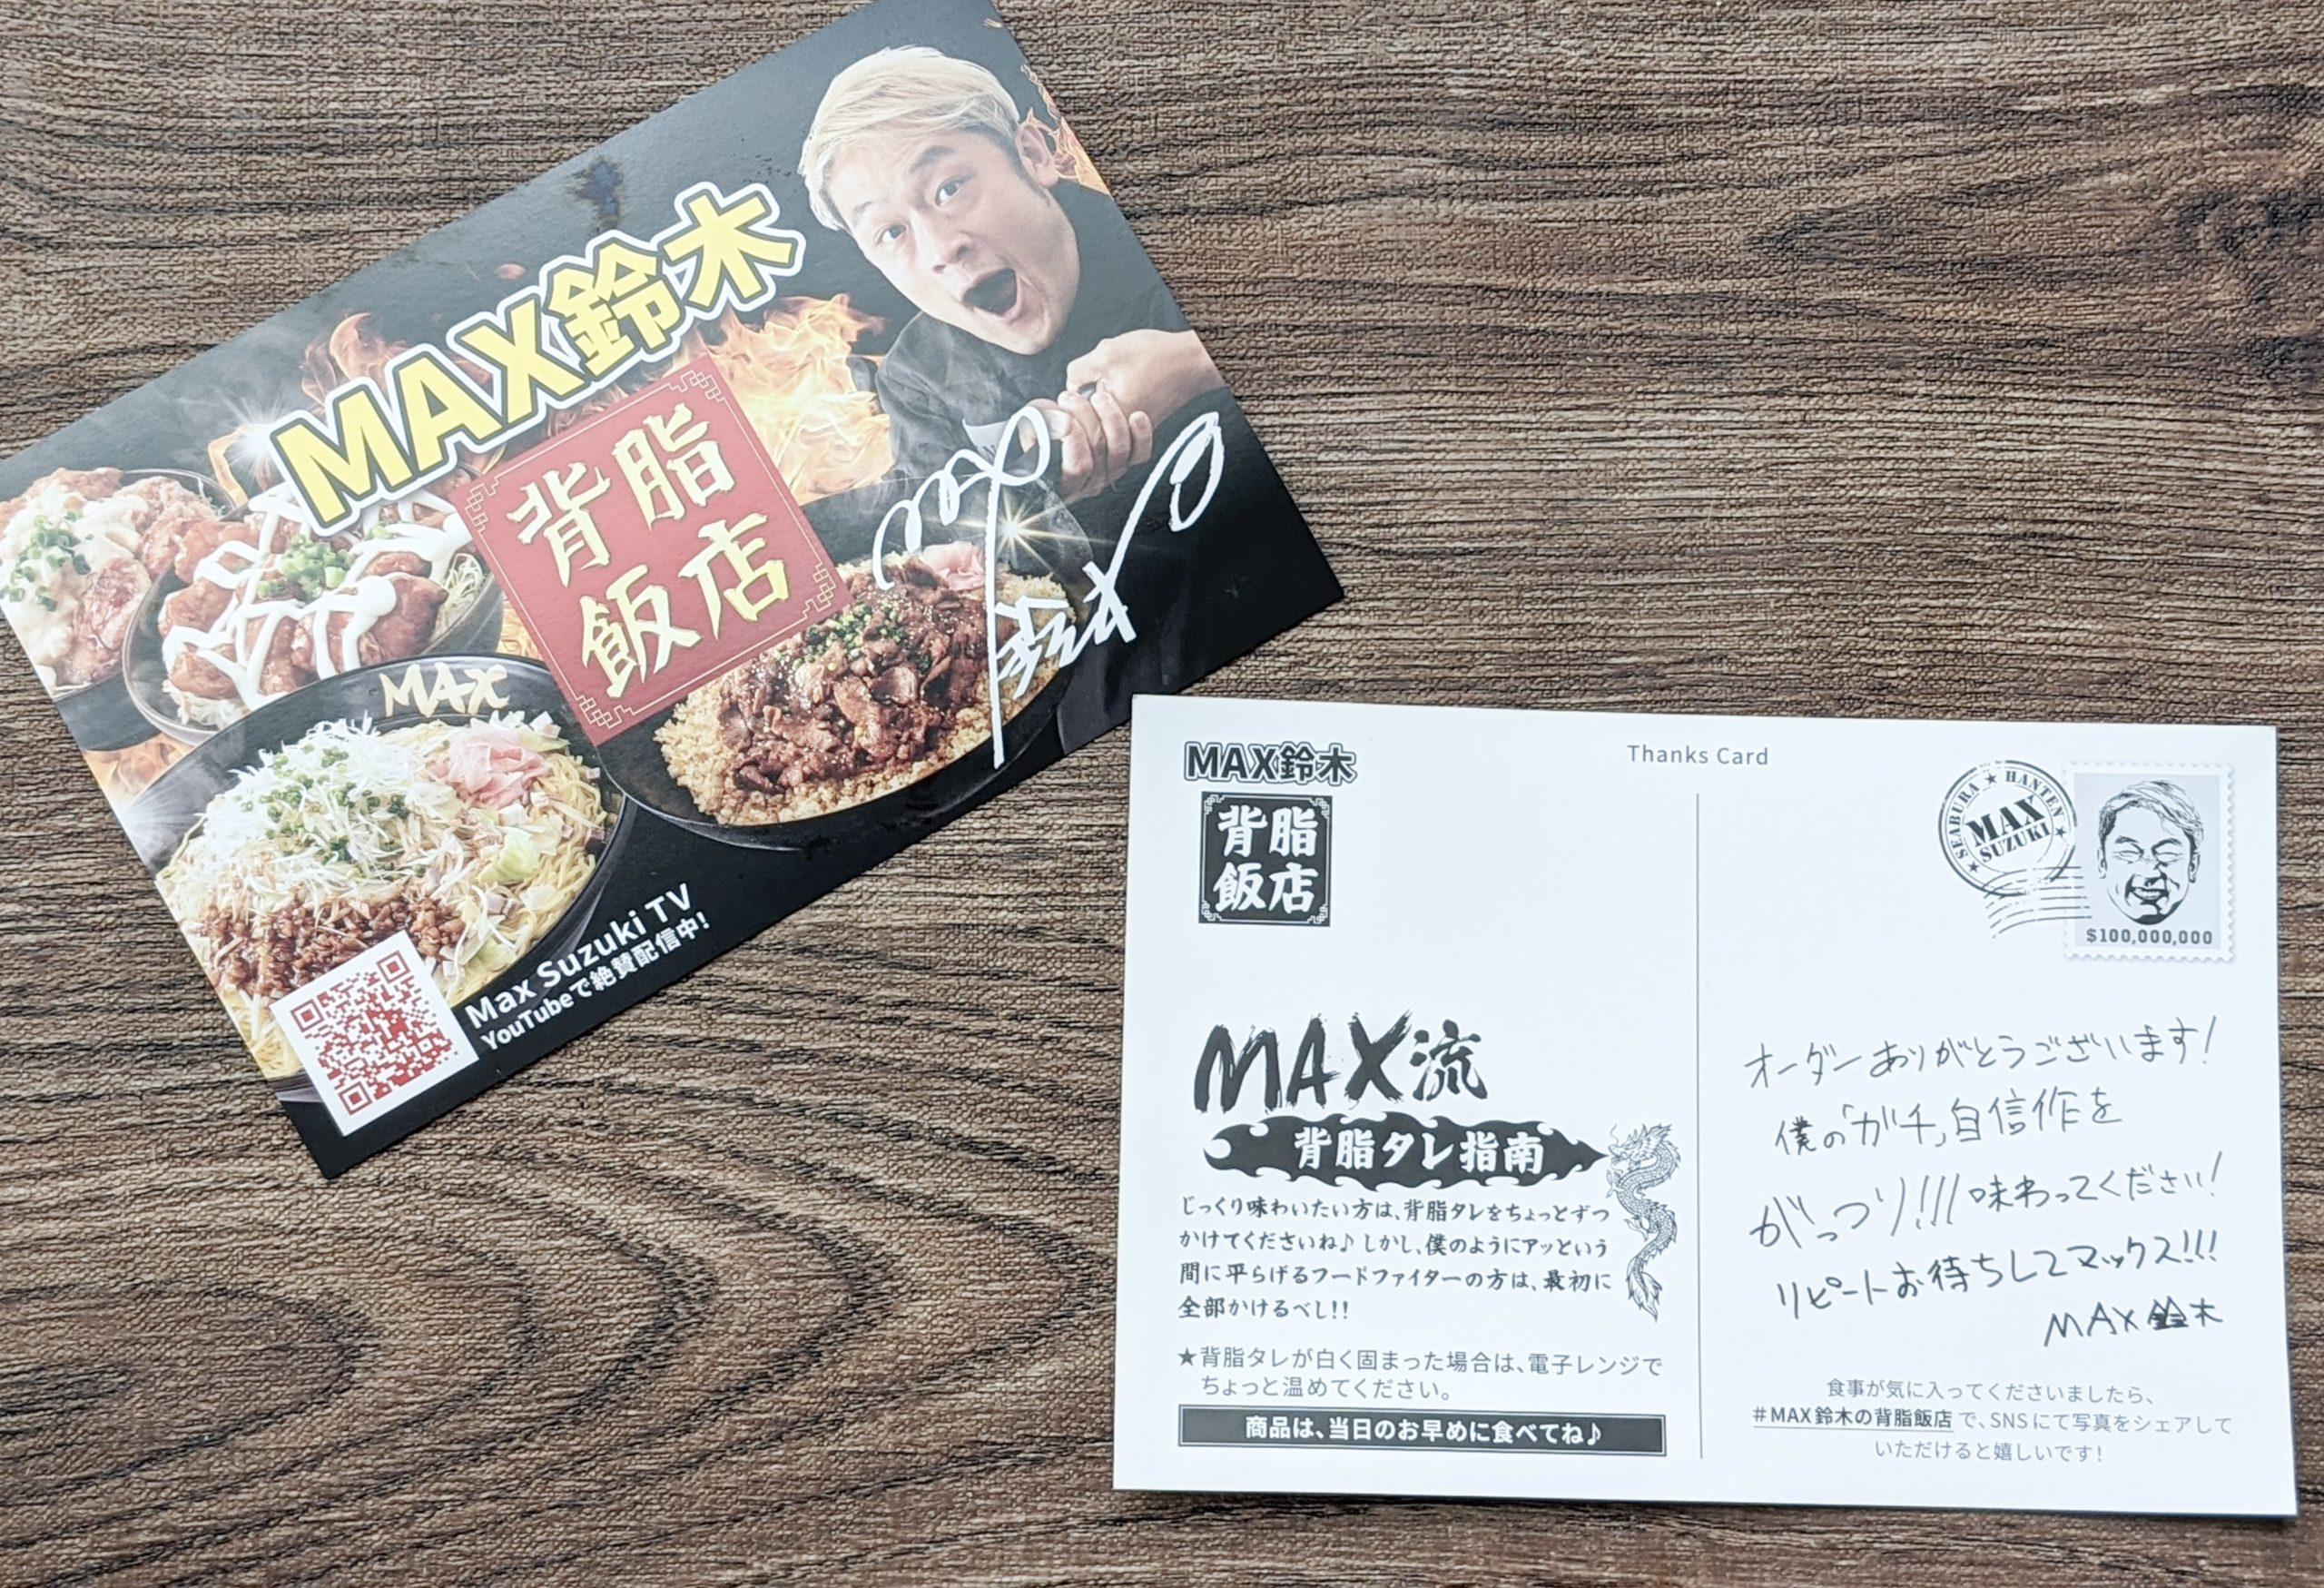 葉書出前館 MAX鈴木の背脂飯店